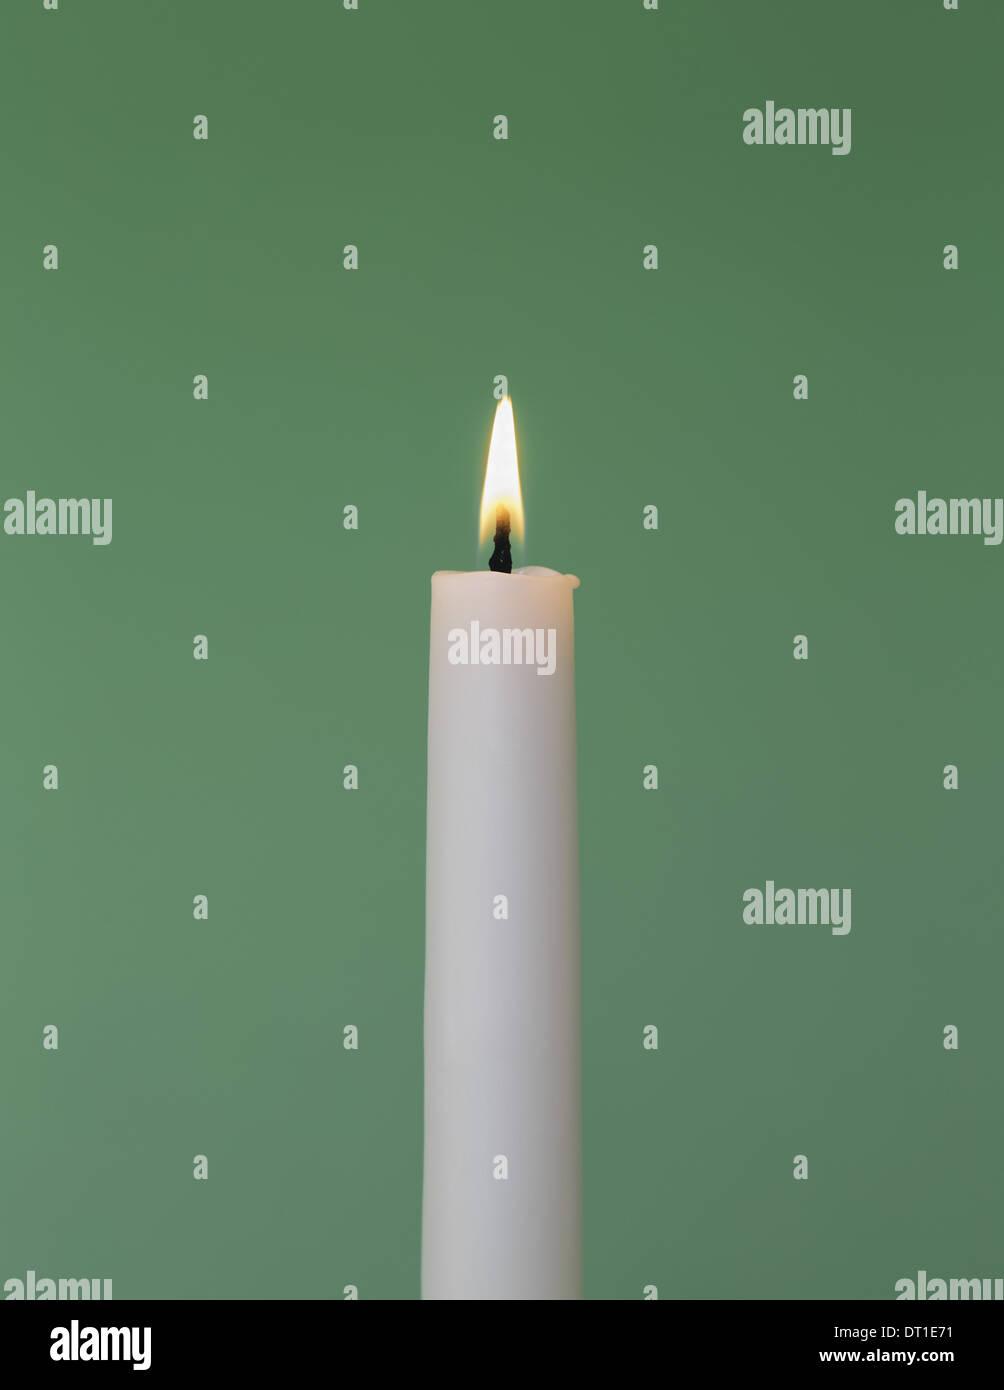 Vela de cera blanca fina con pequeñas llamas encendidas Imagen De Stock